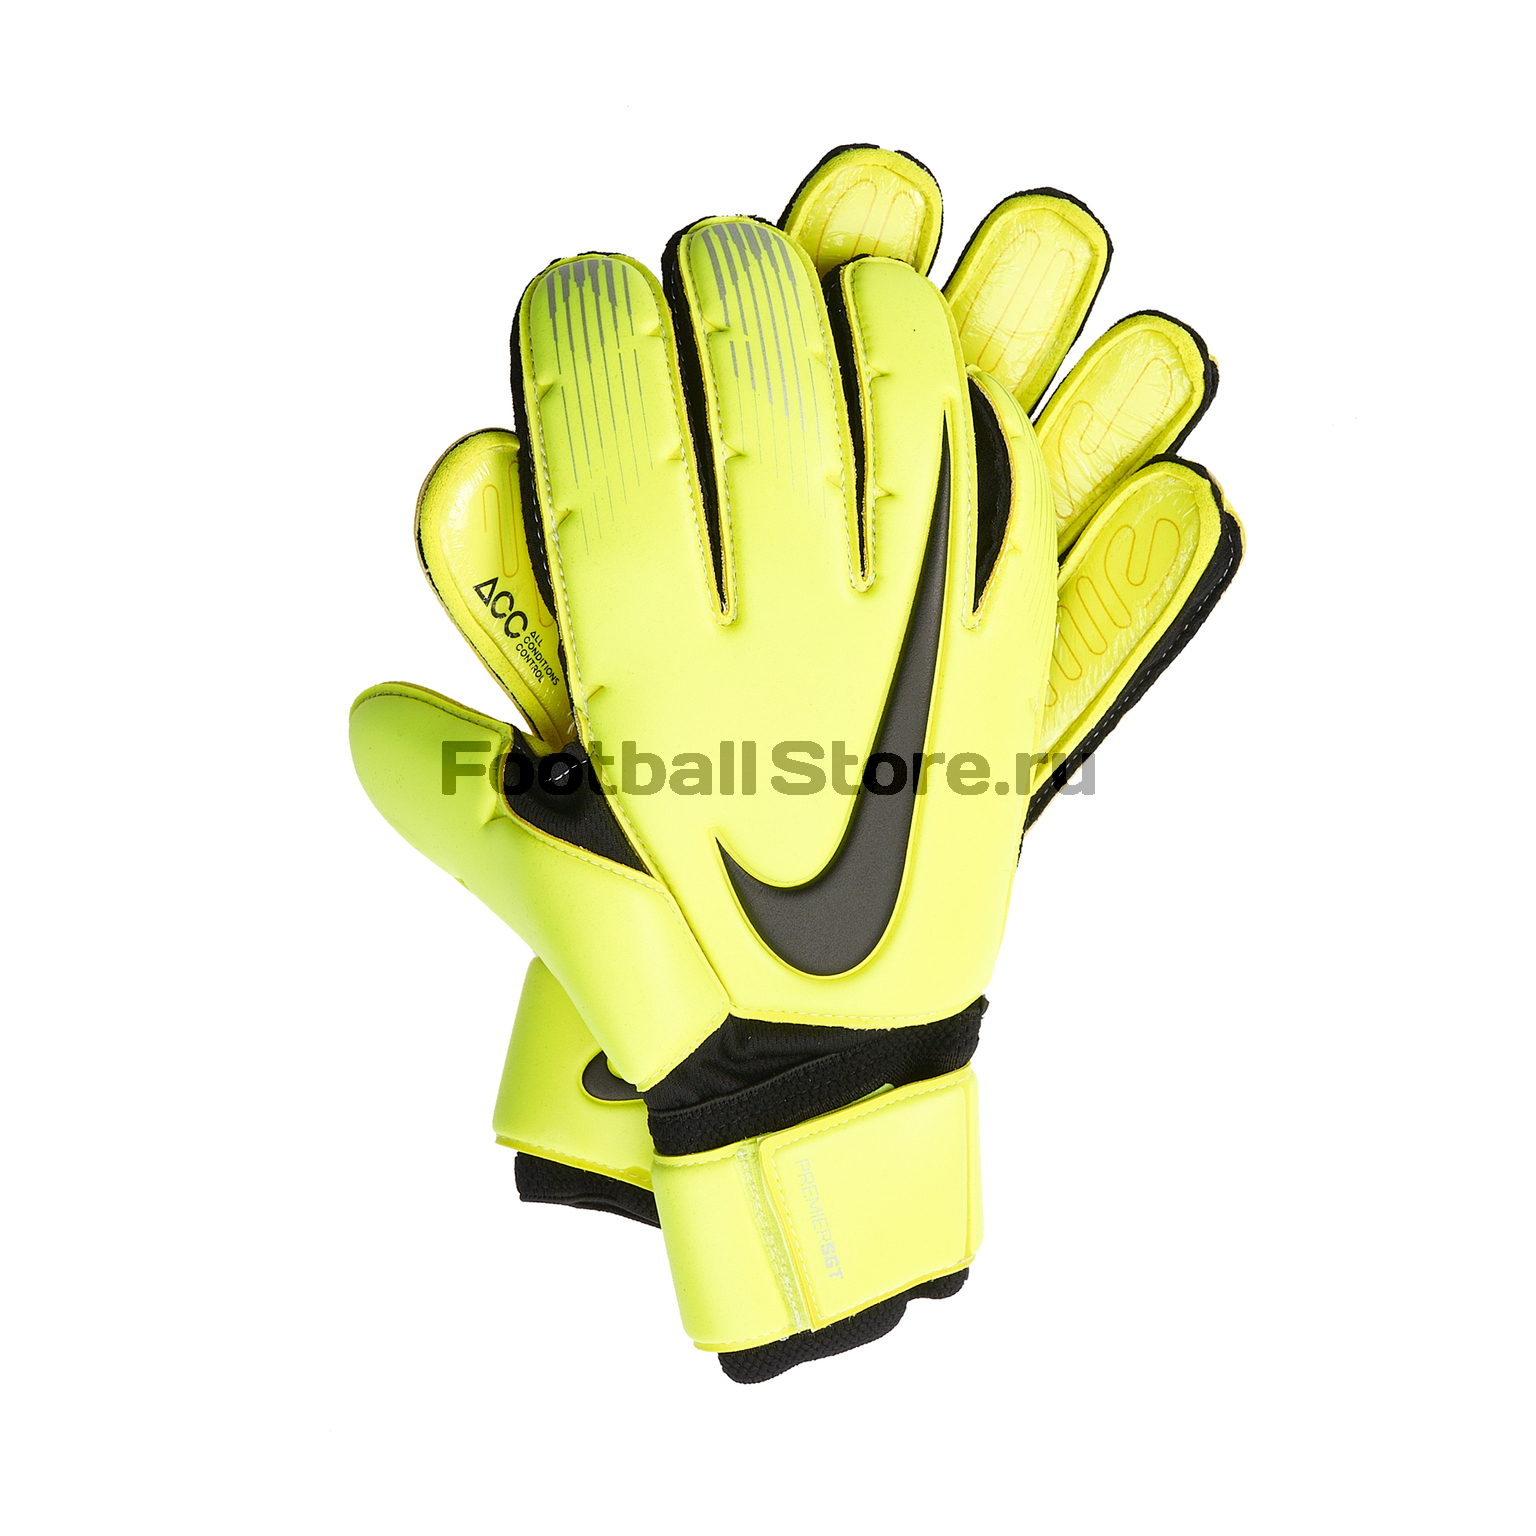 Перчатки вратарские Nike Premier SGT GS0369-702 - купить в интернет  магазине Footballstore, цена, фото 4013c21f9b4